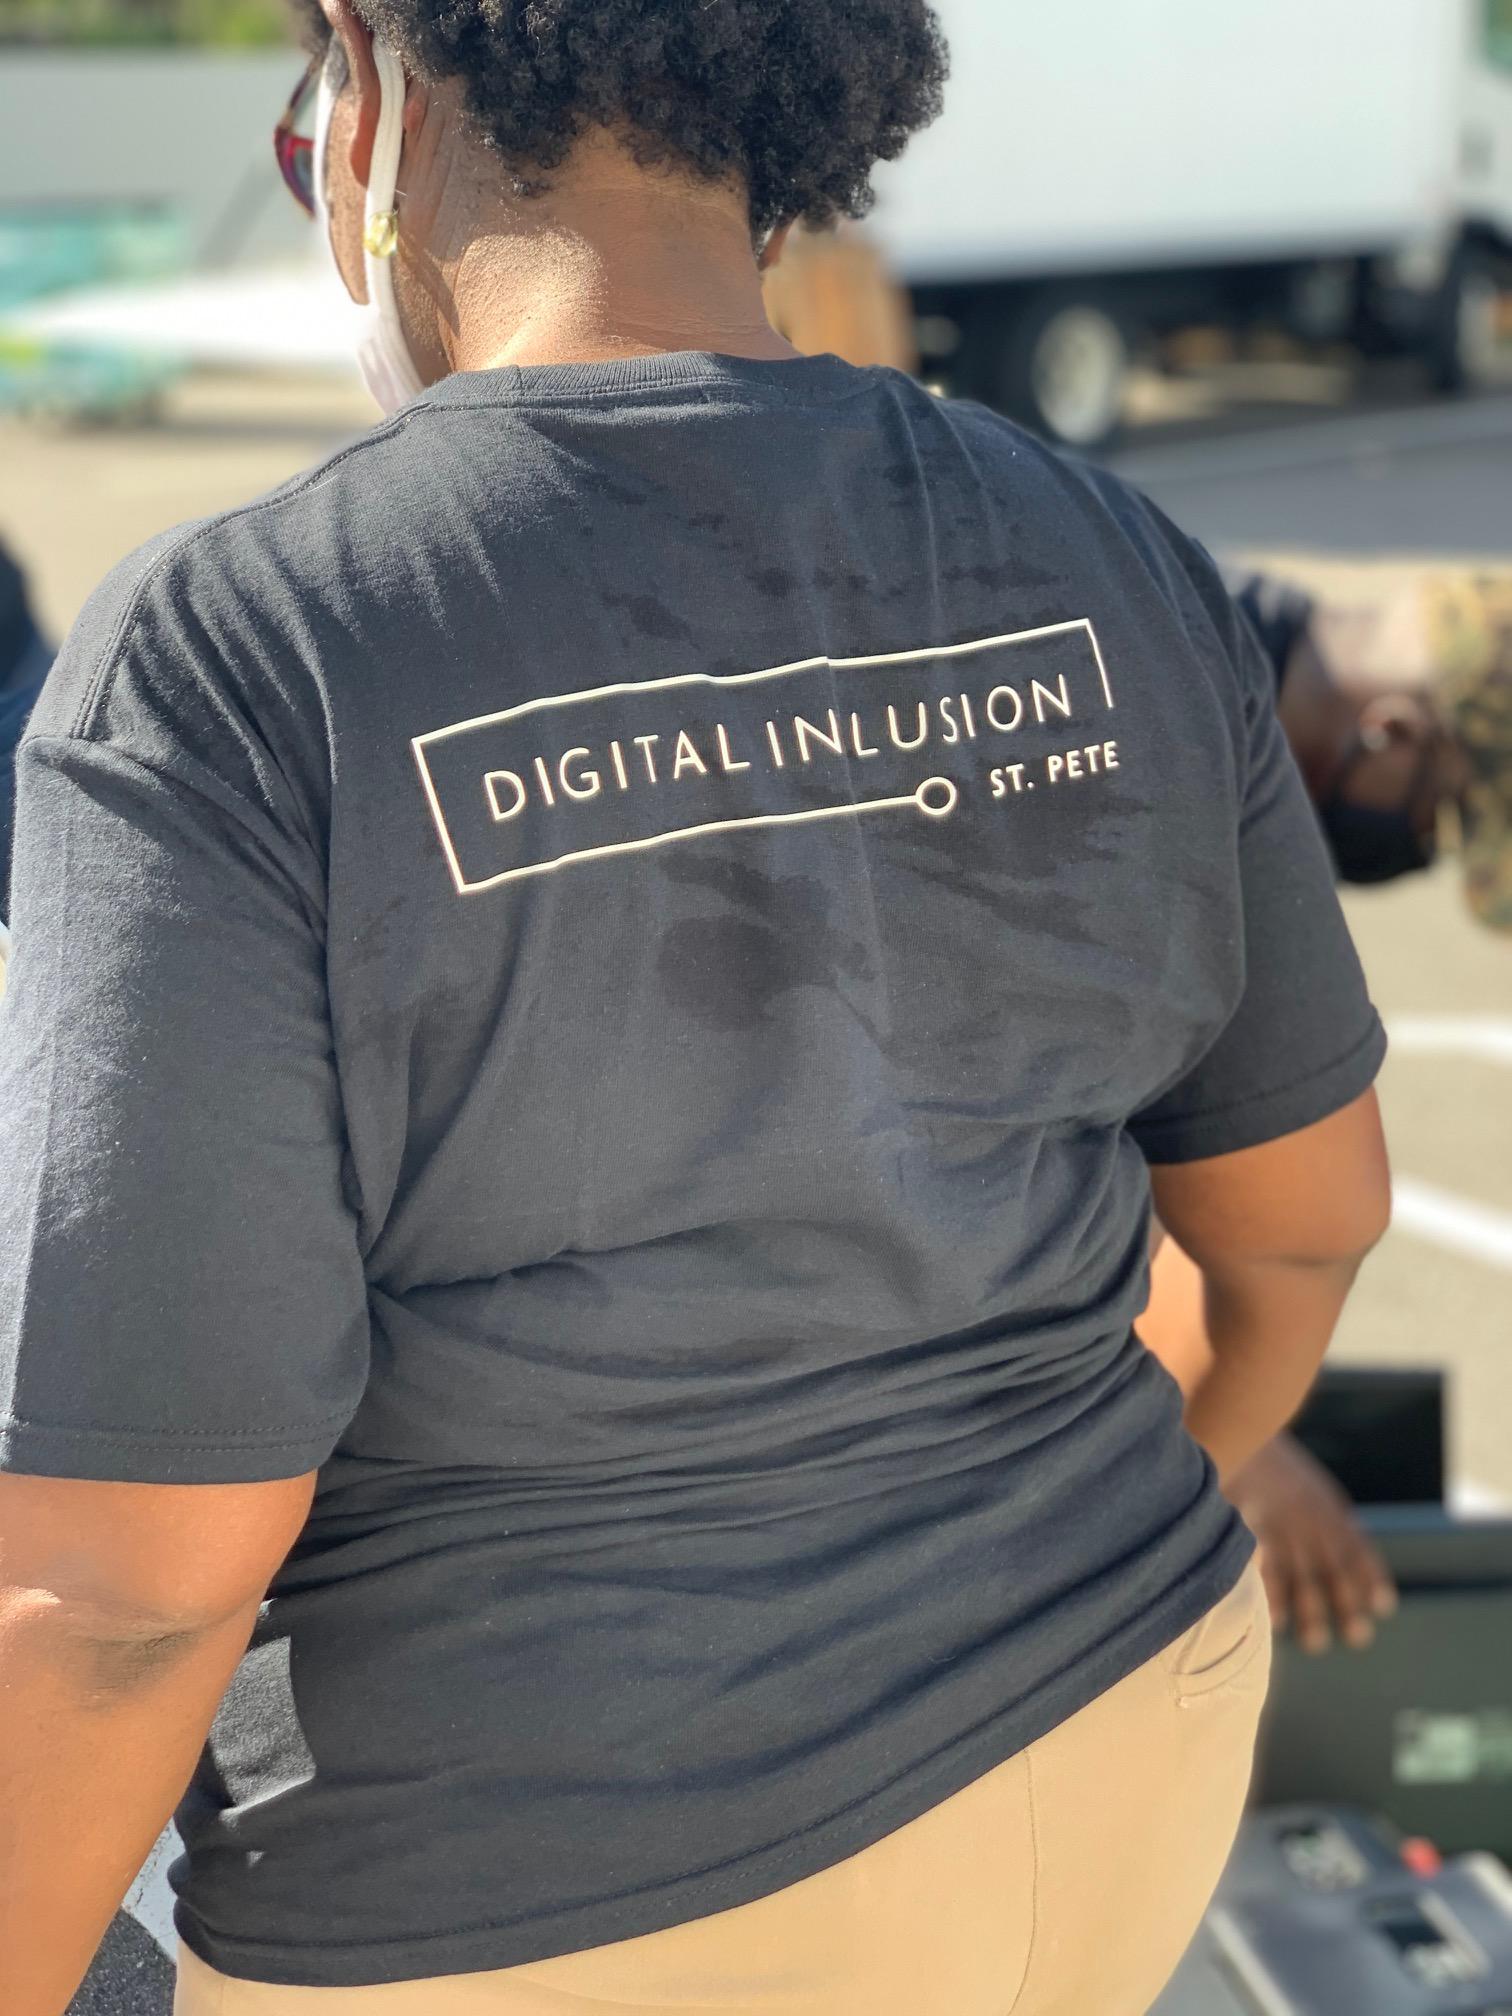 Digital Inclusion St Pete t-shirt